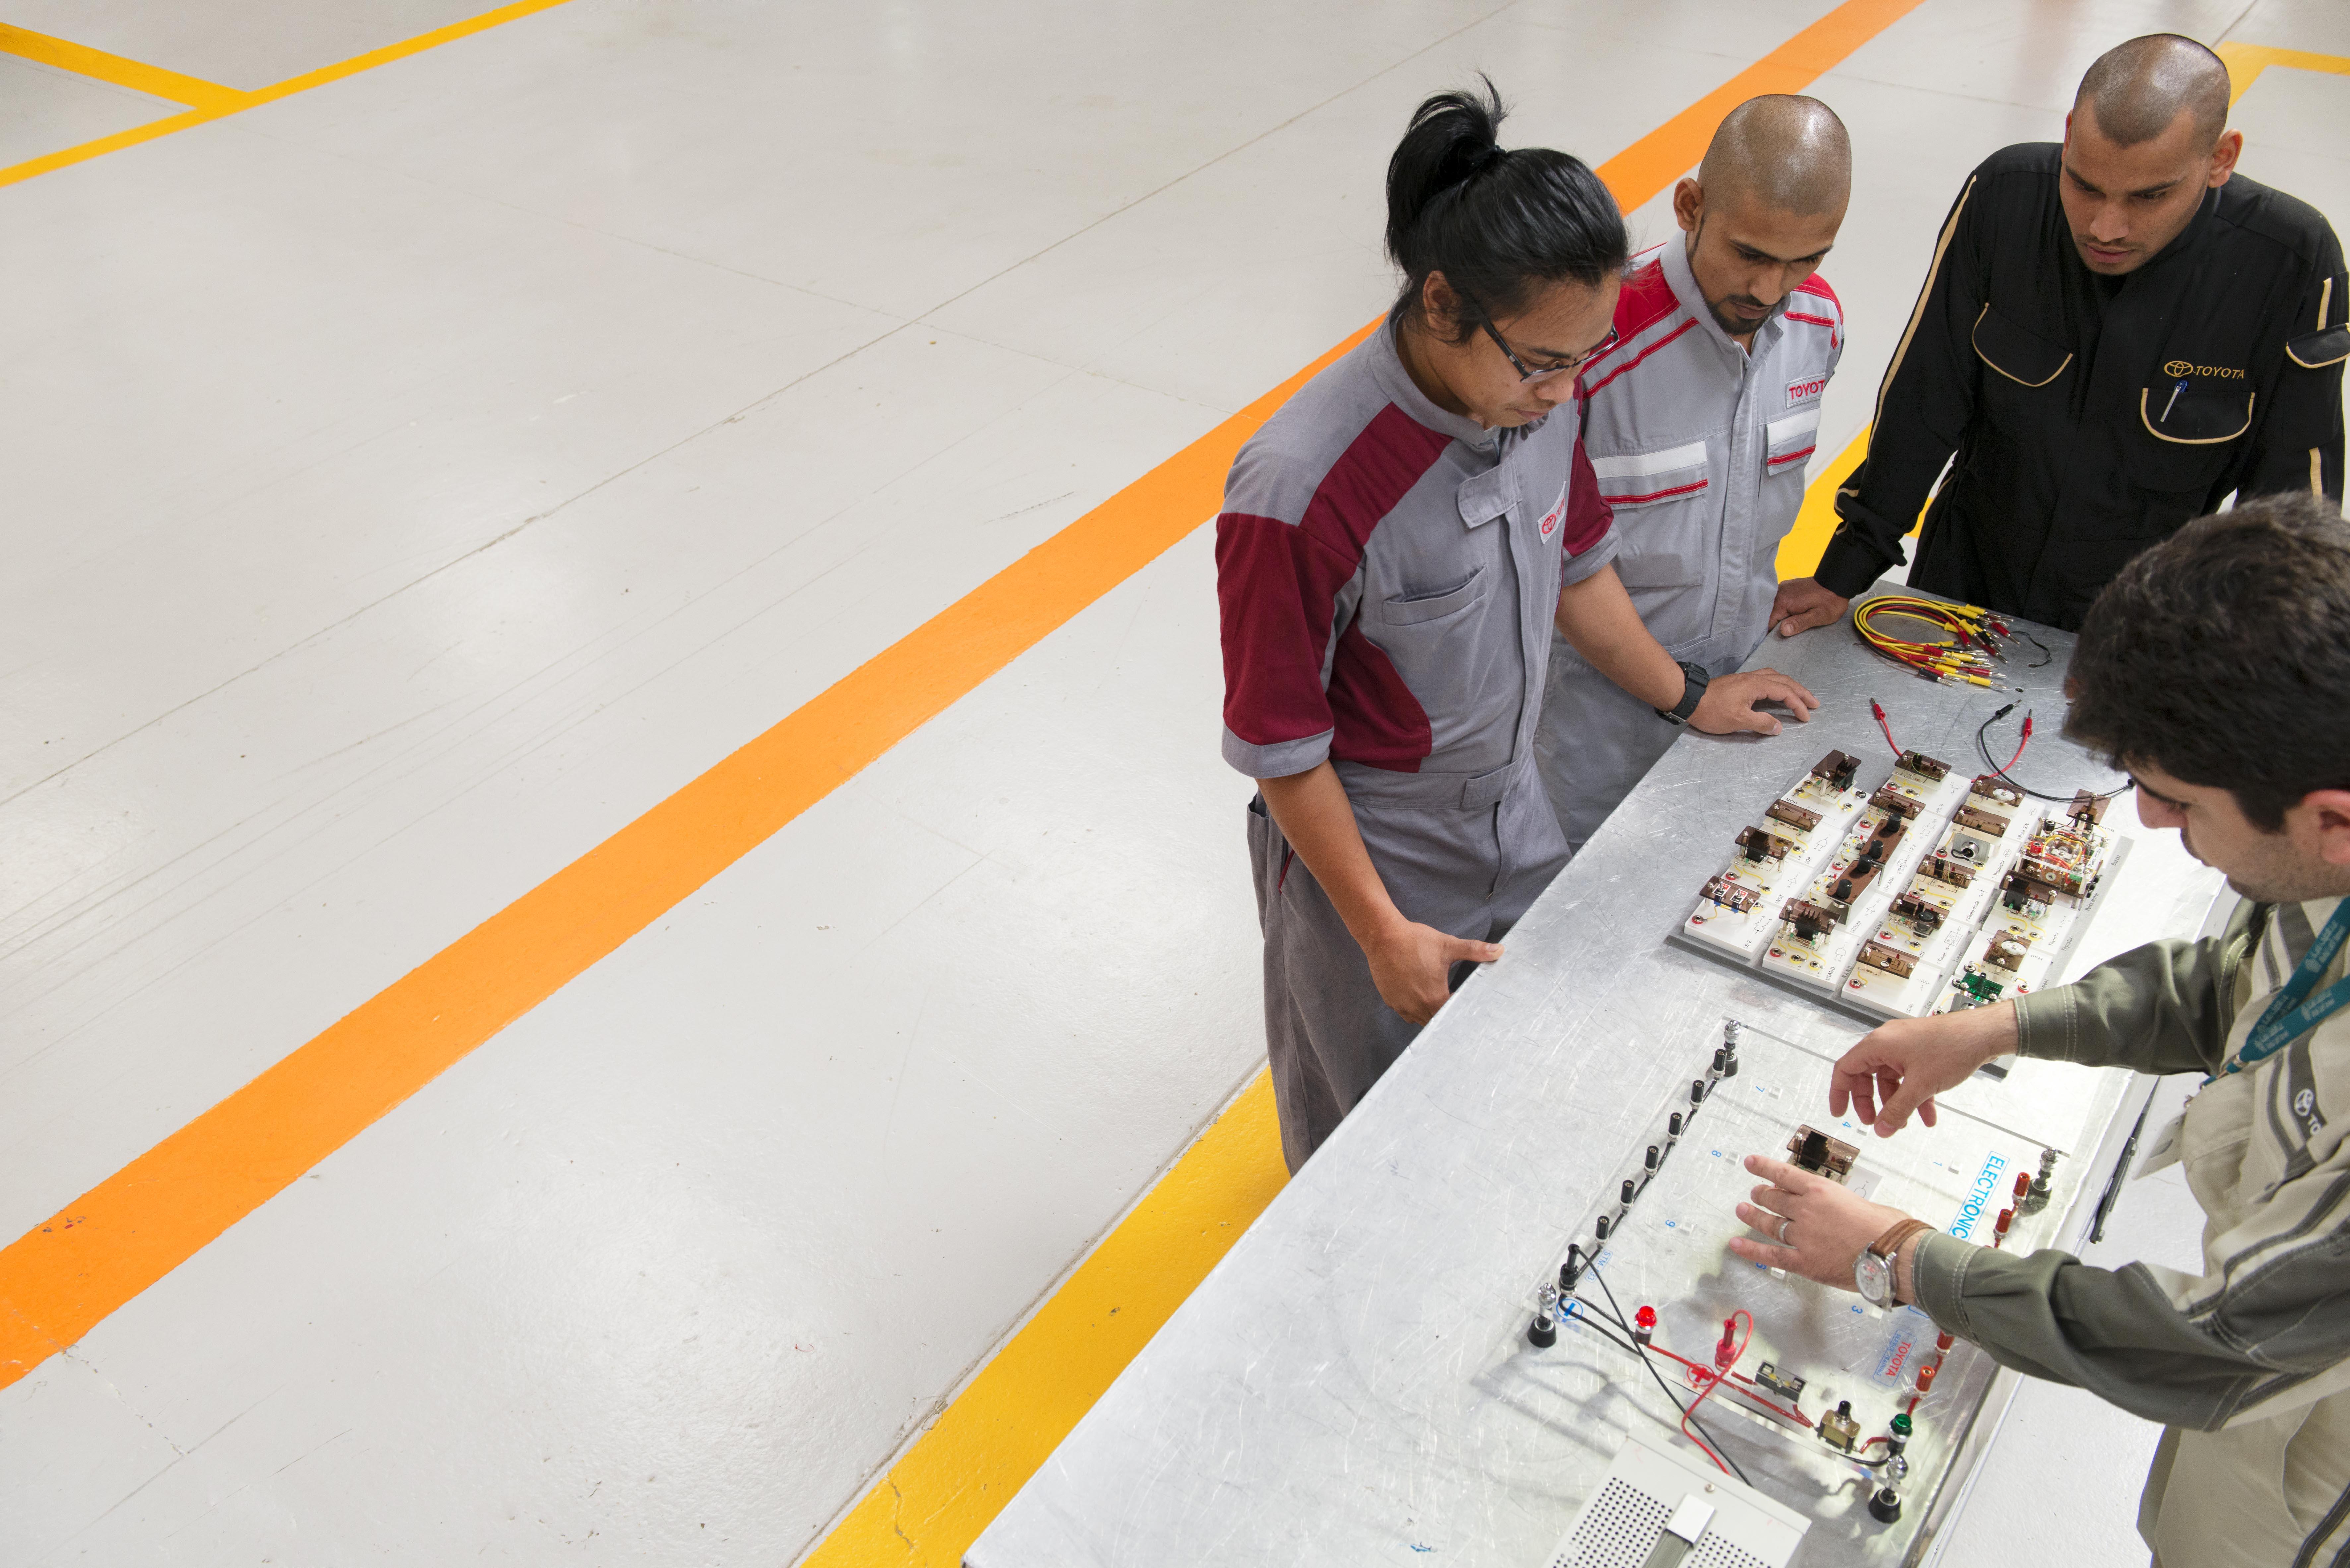 معهد عبداللطيف جميل العالي للتدريب والتعلم المستمر يحتفل بذكرى تأسيسه الأربعين